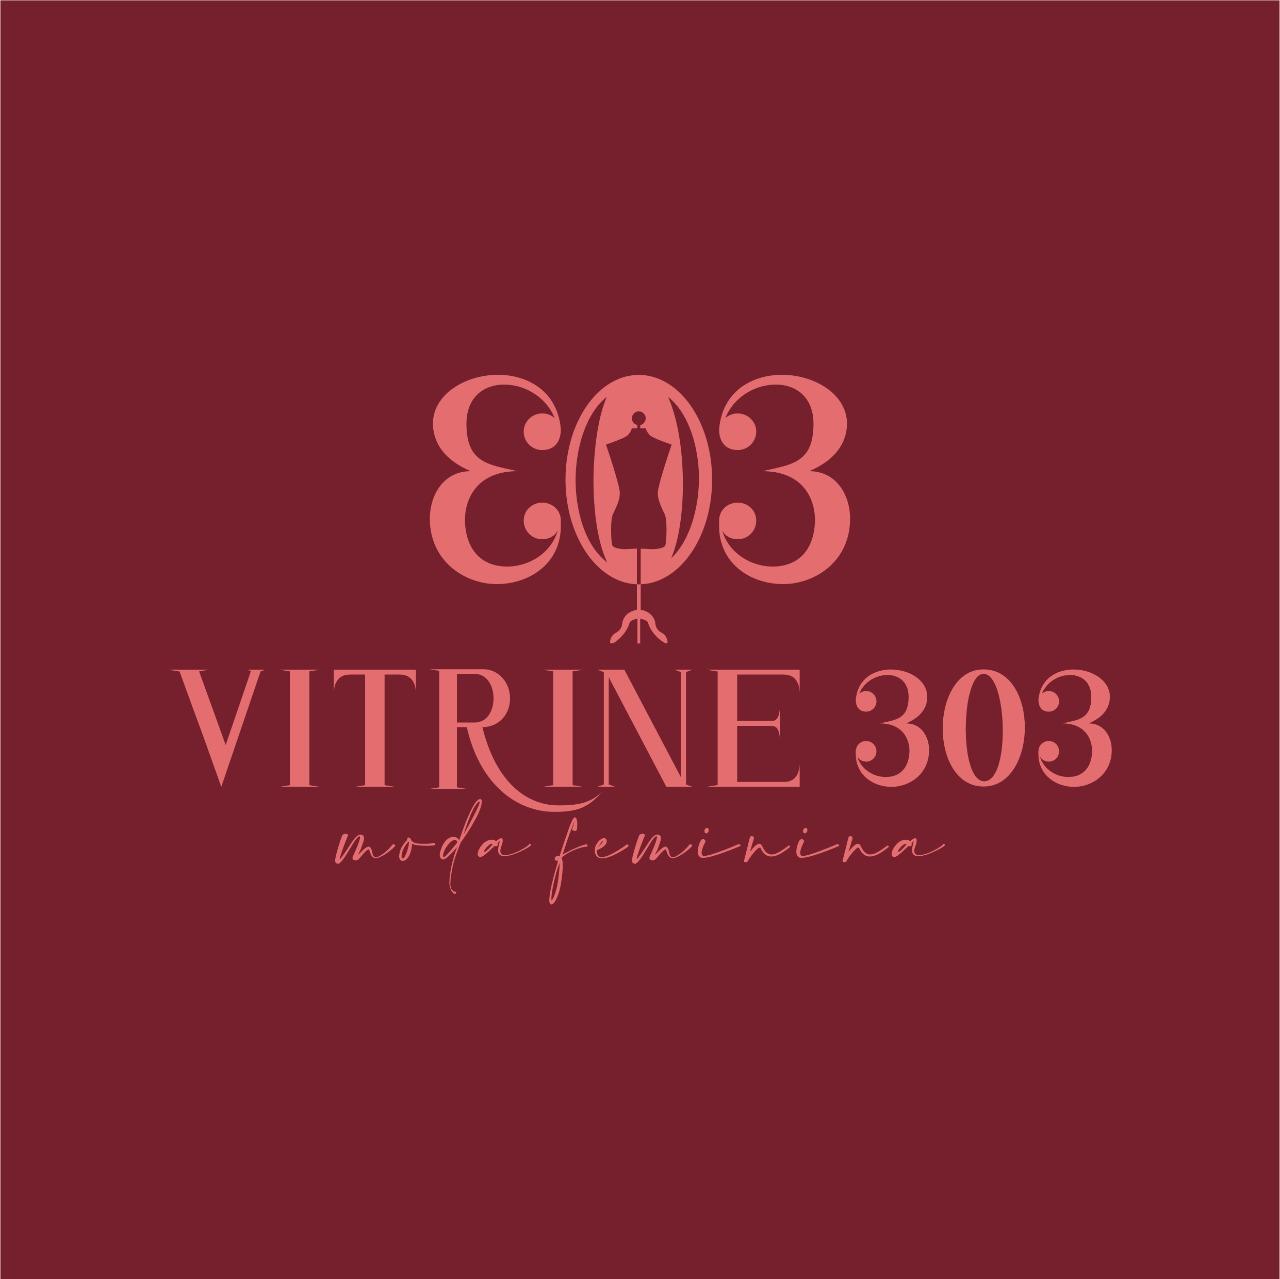 Vitrine303